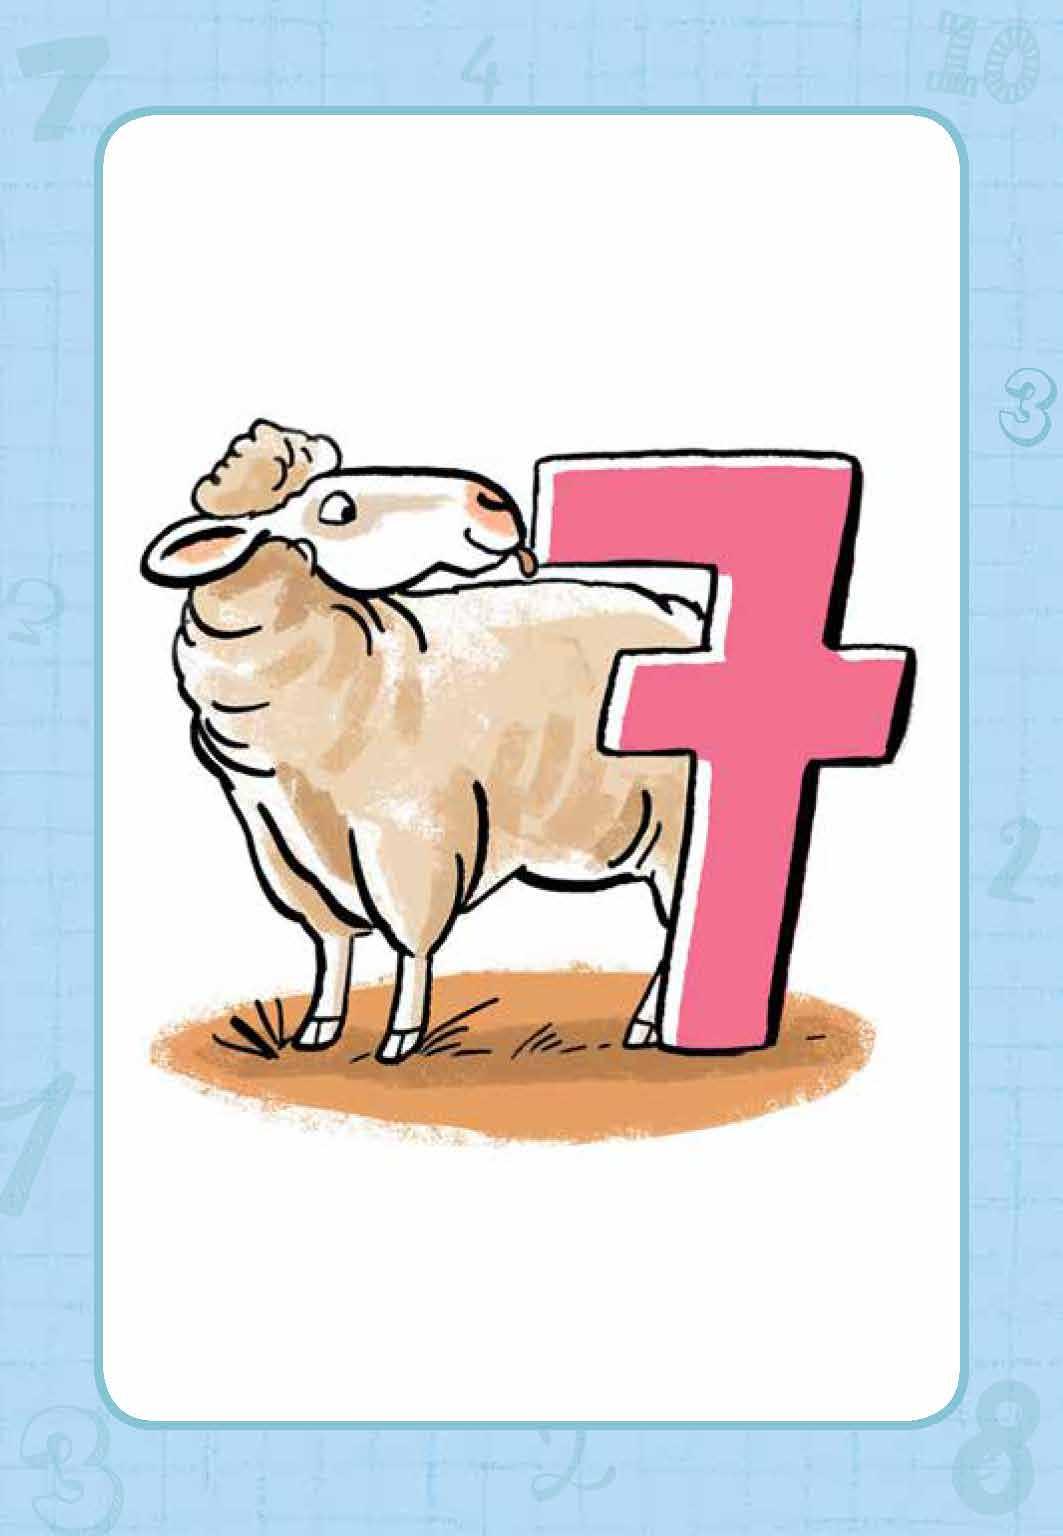 Innenansicht zu Schafalarm. Ein Denk- und Zahlenspiel